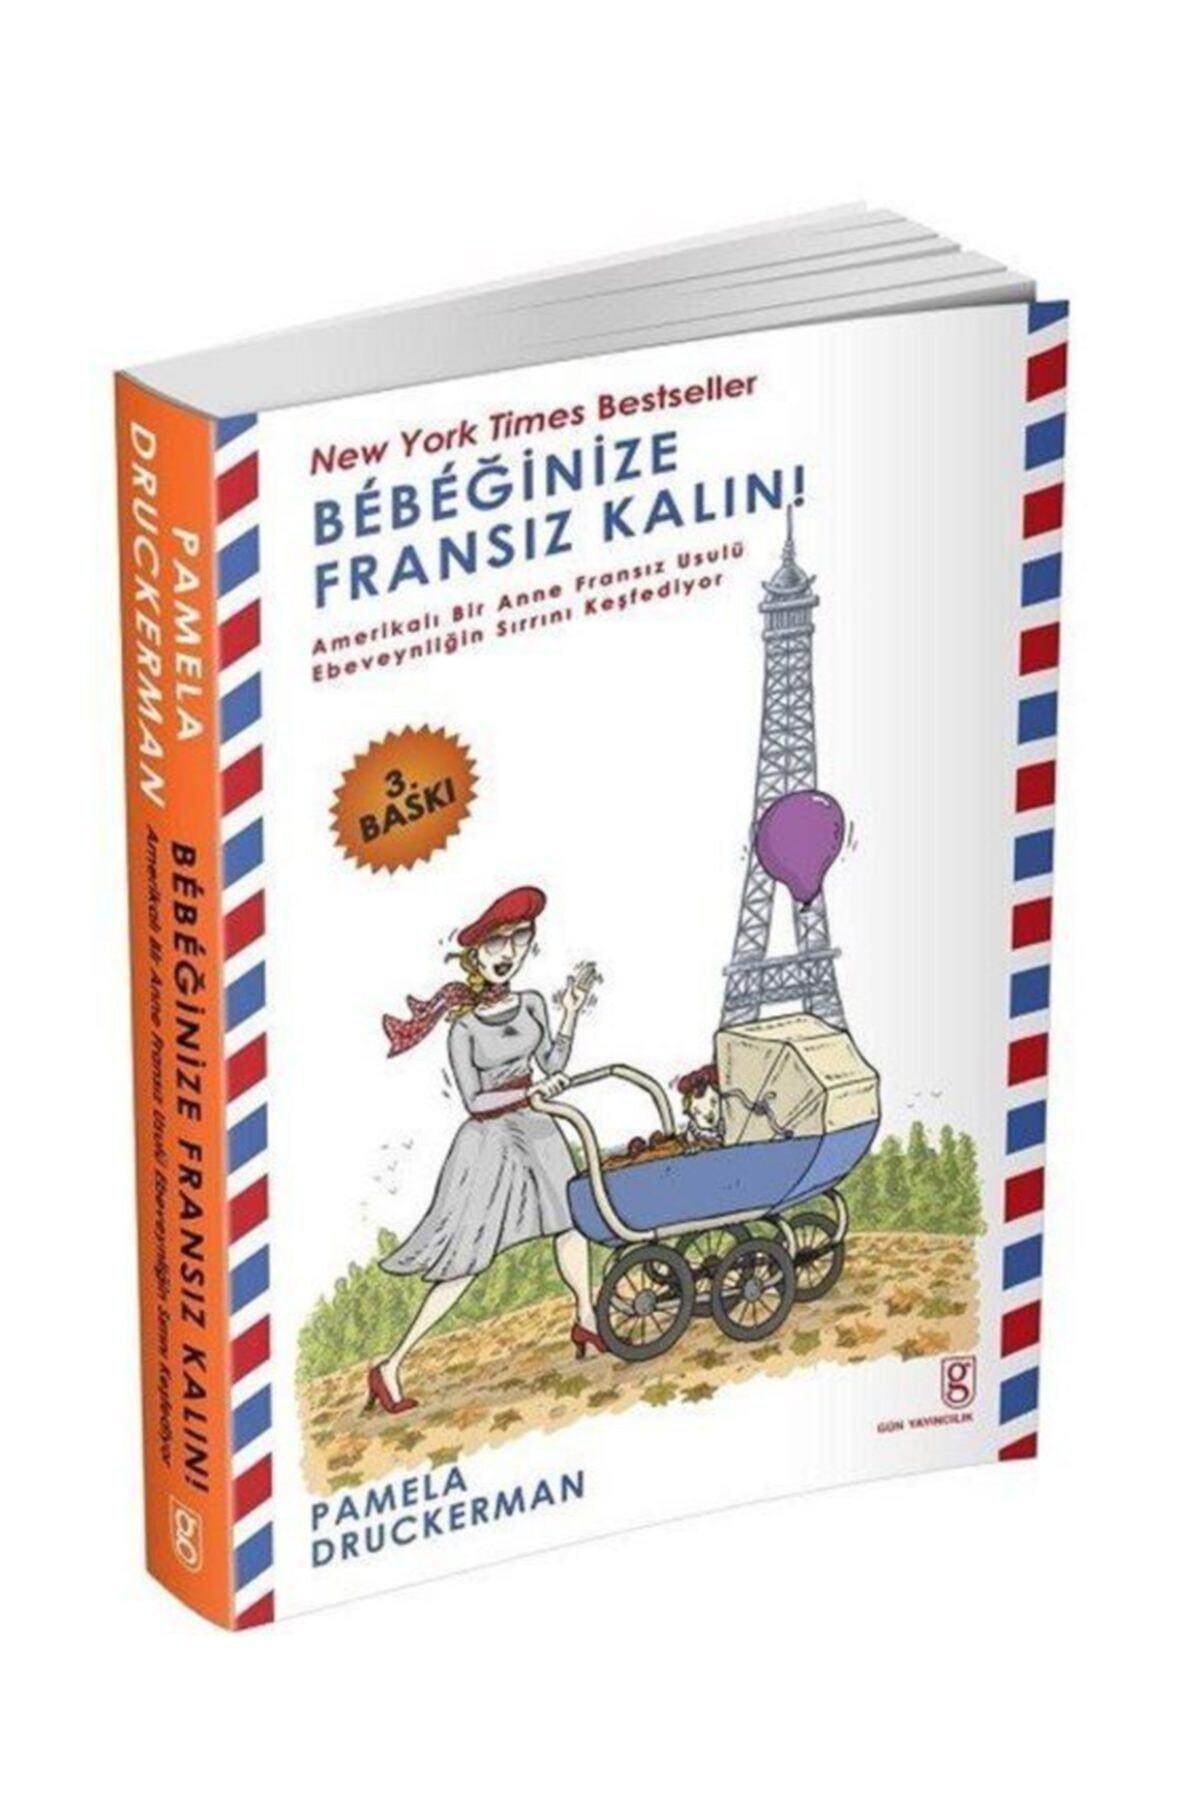 Gün Yayıncılık Bebeğinize Fransız Kalın! 1